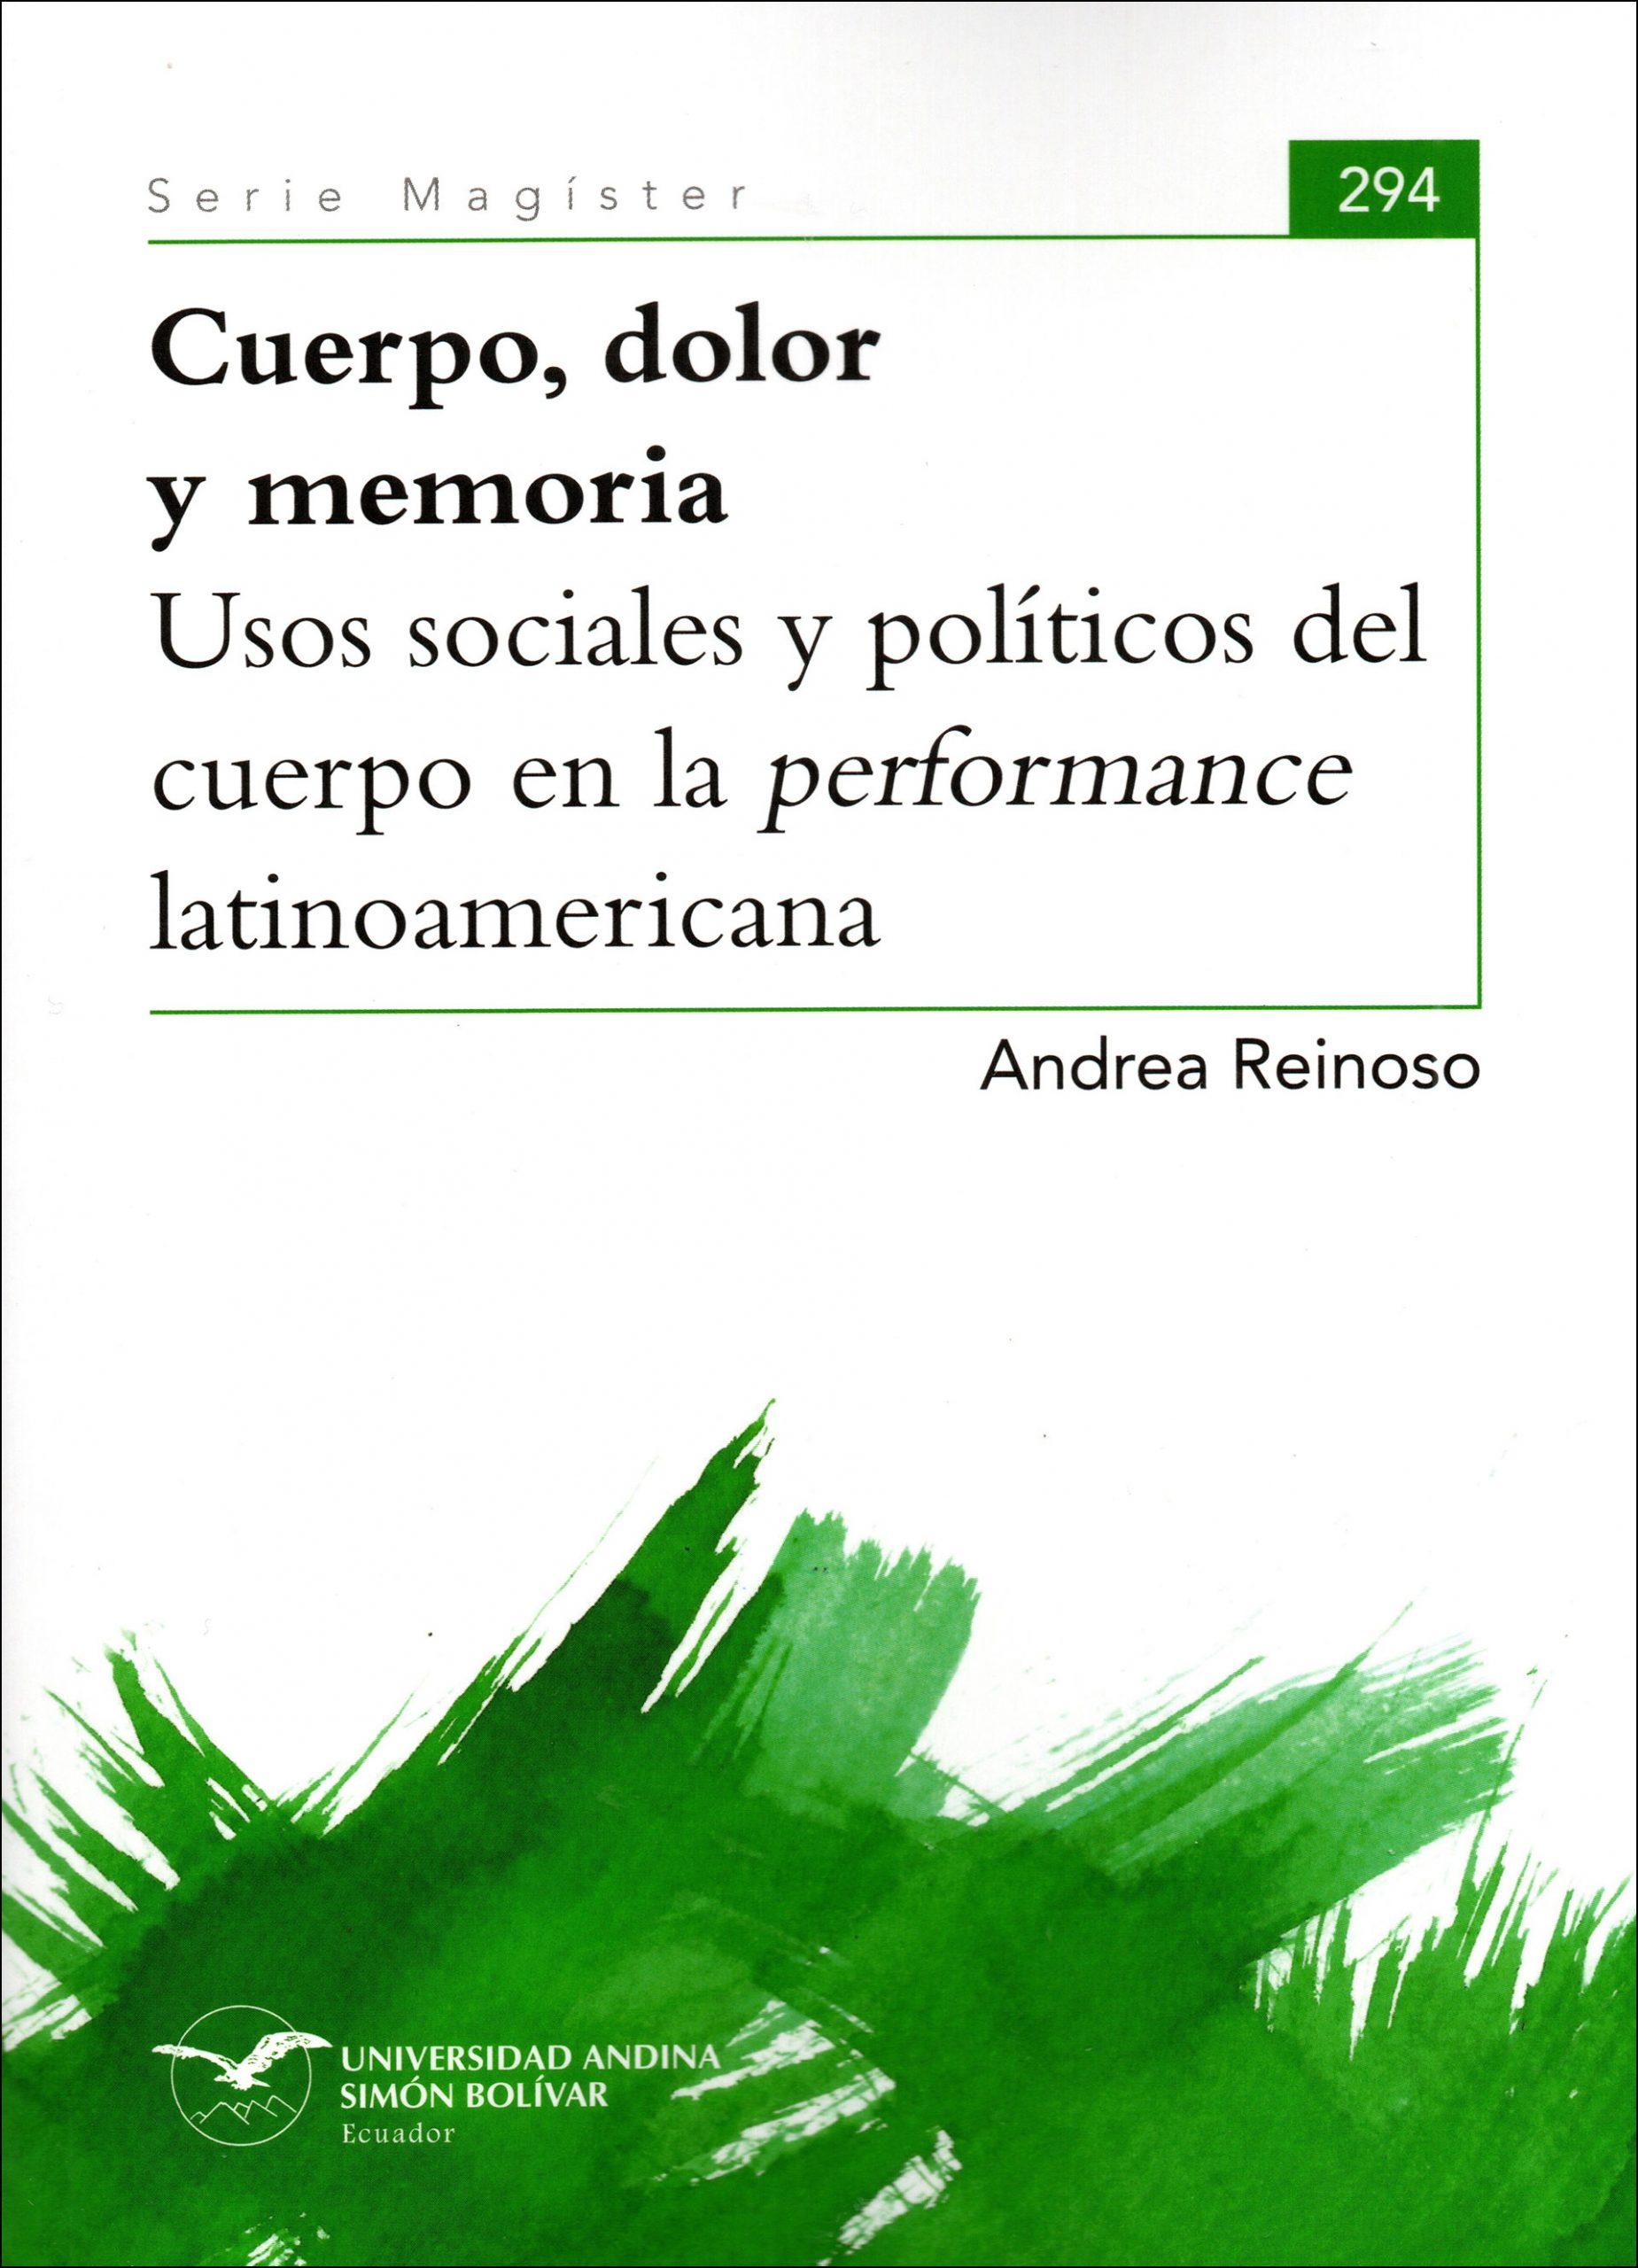 Cuerpo, dolor y memoria. Usos sociales y políticos del cuerpo en la performance latinoamericana